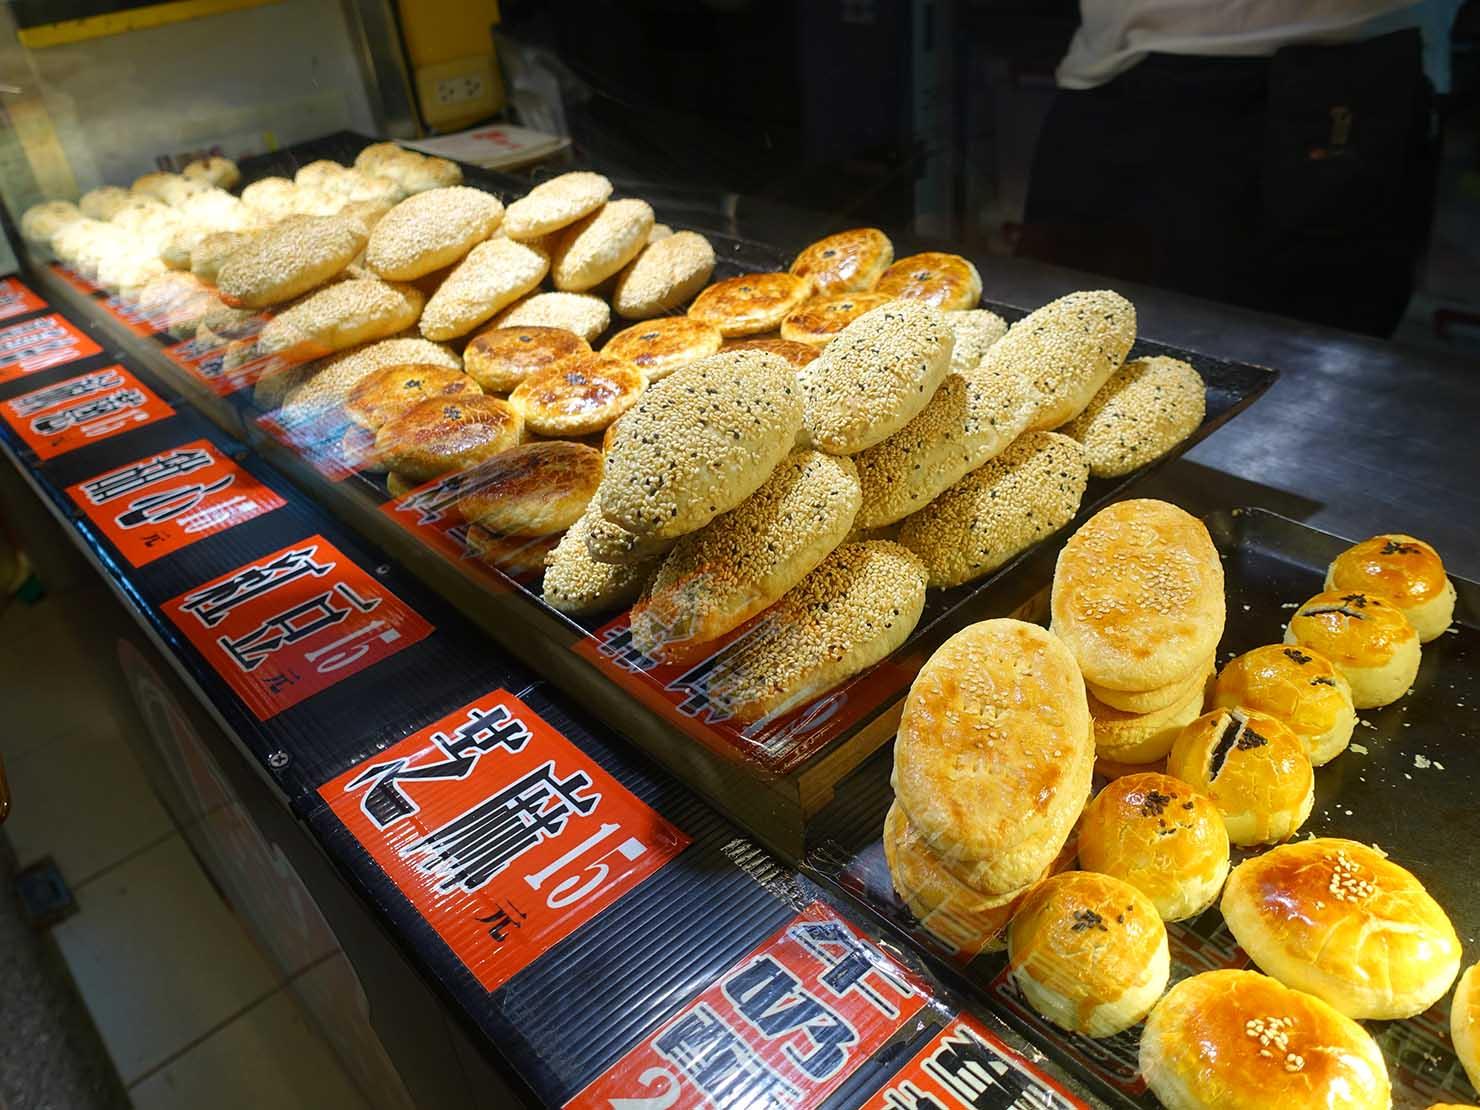 台北・民權西路&中山國中駅周辺(晴光市場)のおすすめグルメ店「餅酥記」のカウンターに並ぶ焼き菓子